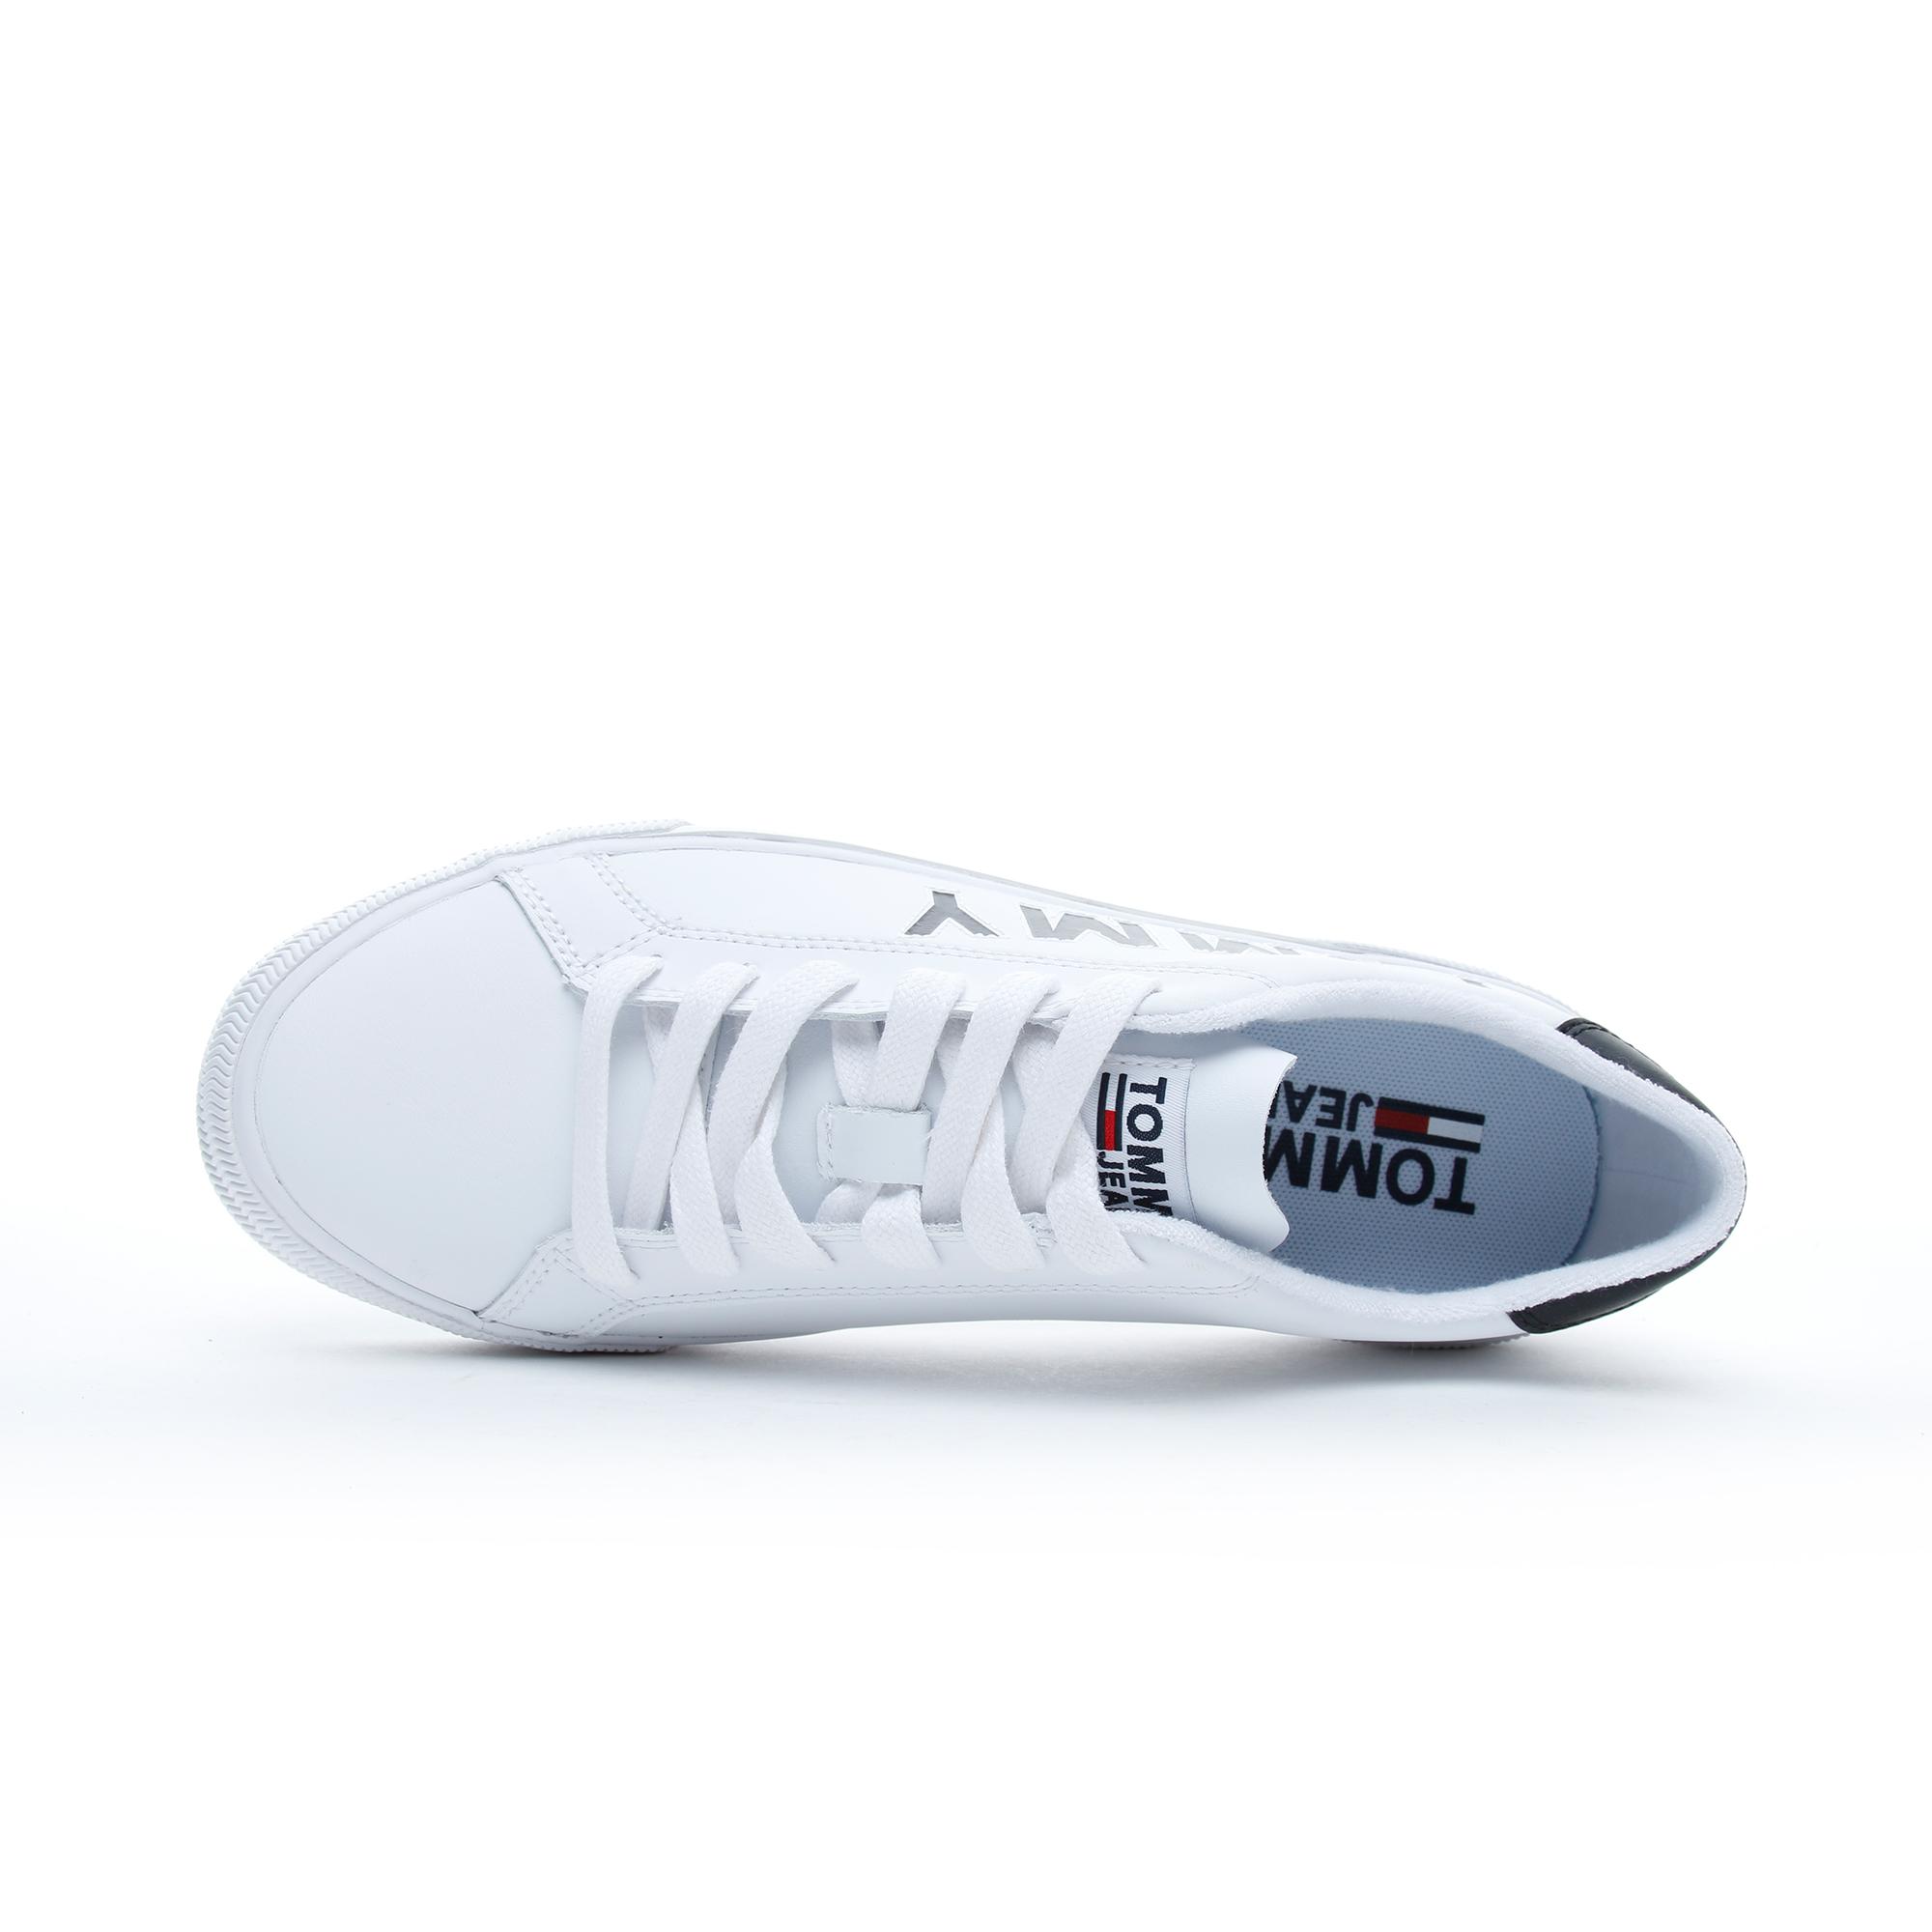 Tommy Hilfiger Cut Out Erkek Beyaz Spor Ayakkabı